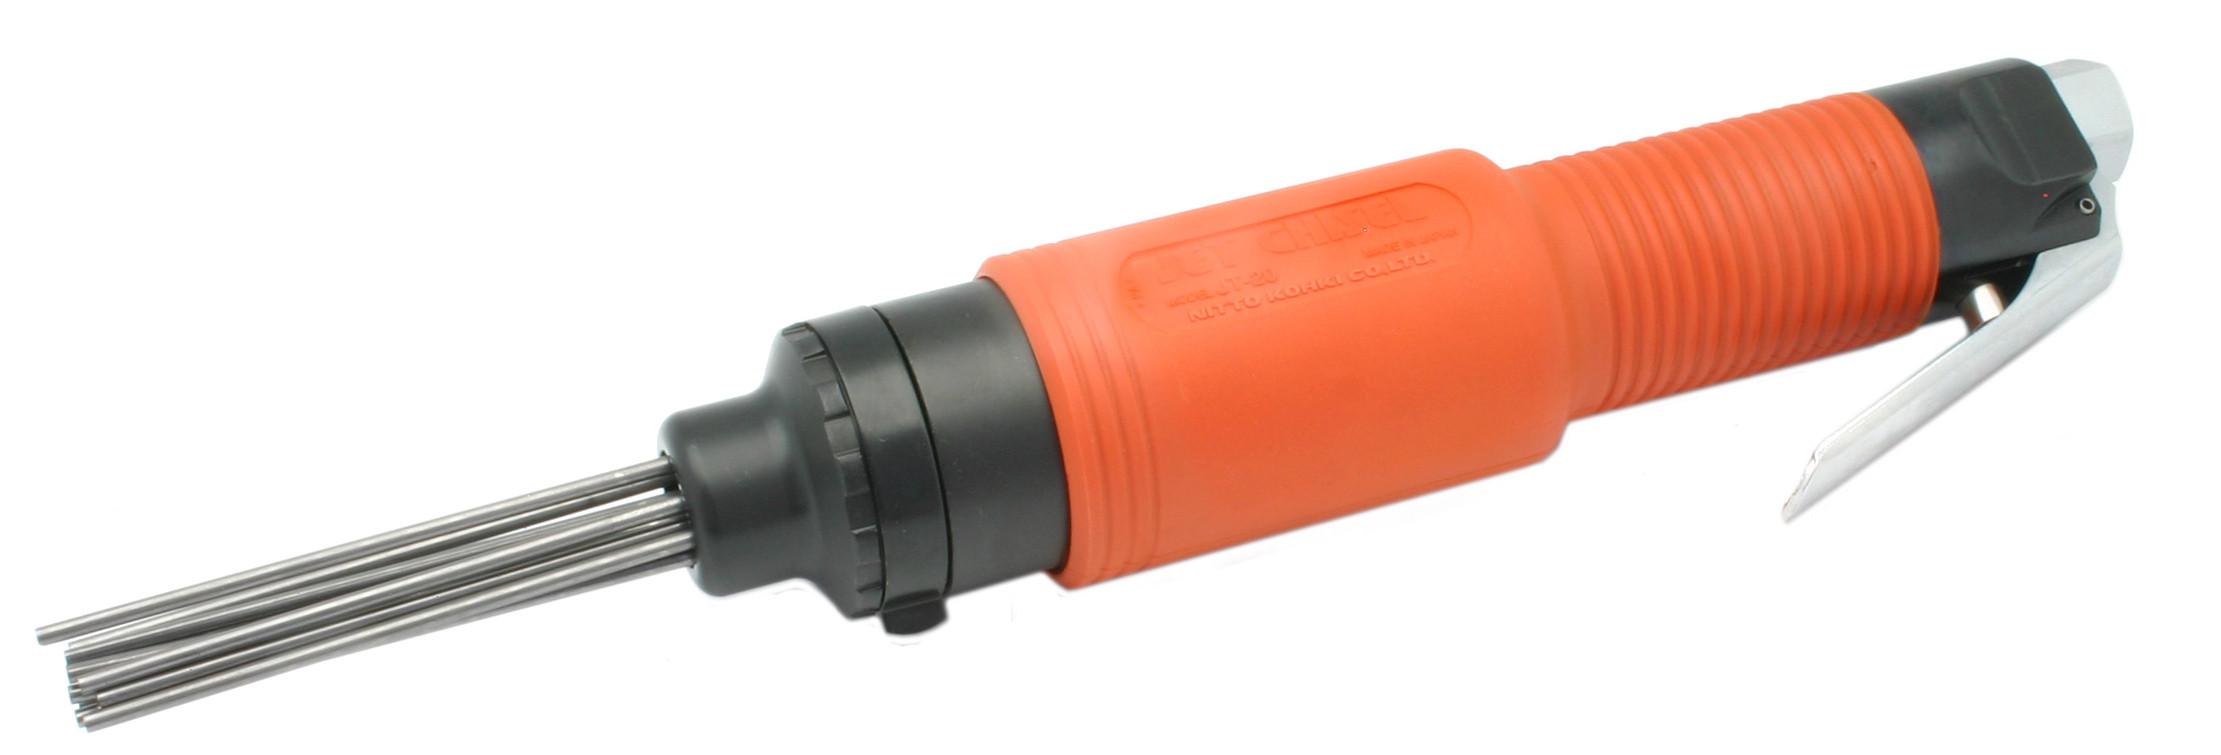 Martillos de agujas neumáticos rectos Nitto N-JT20